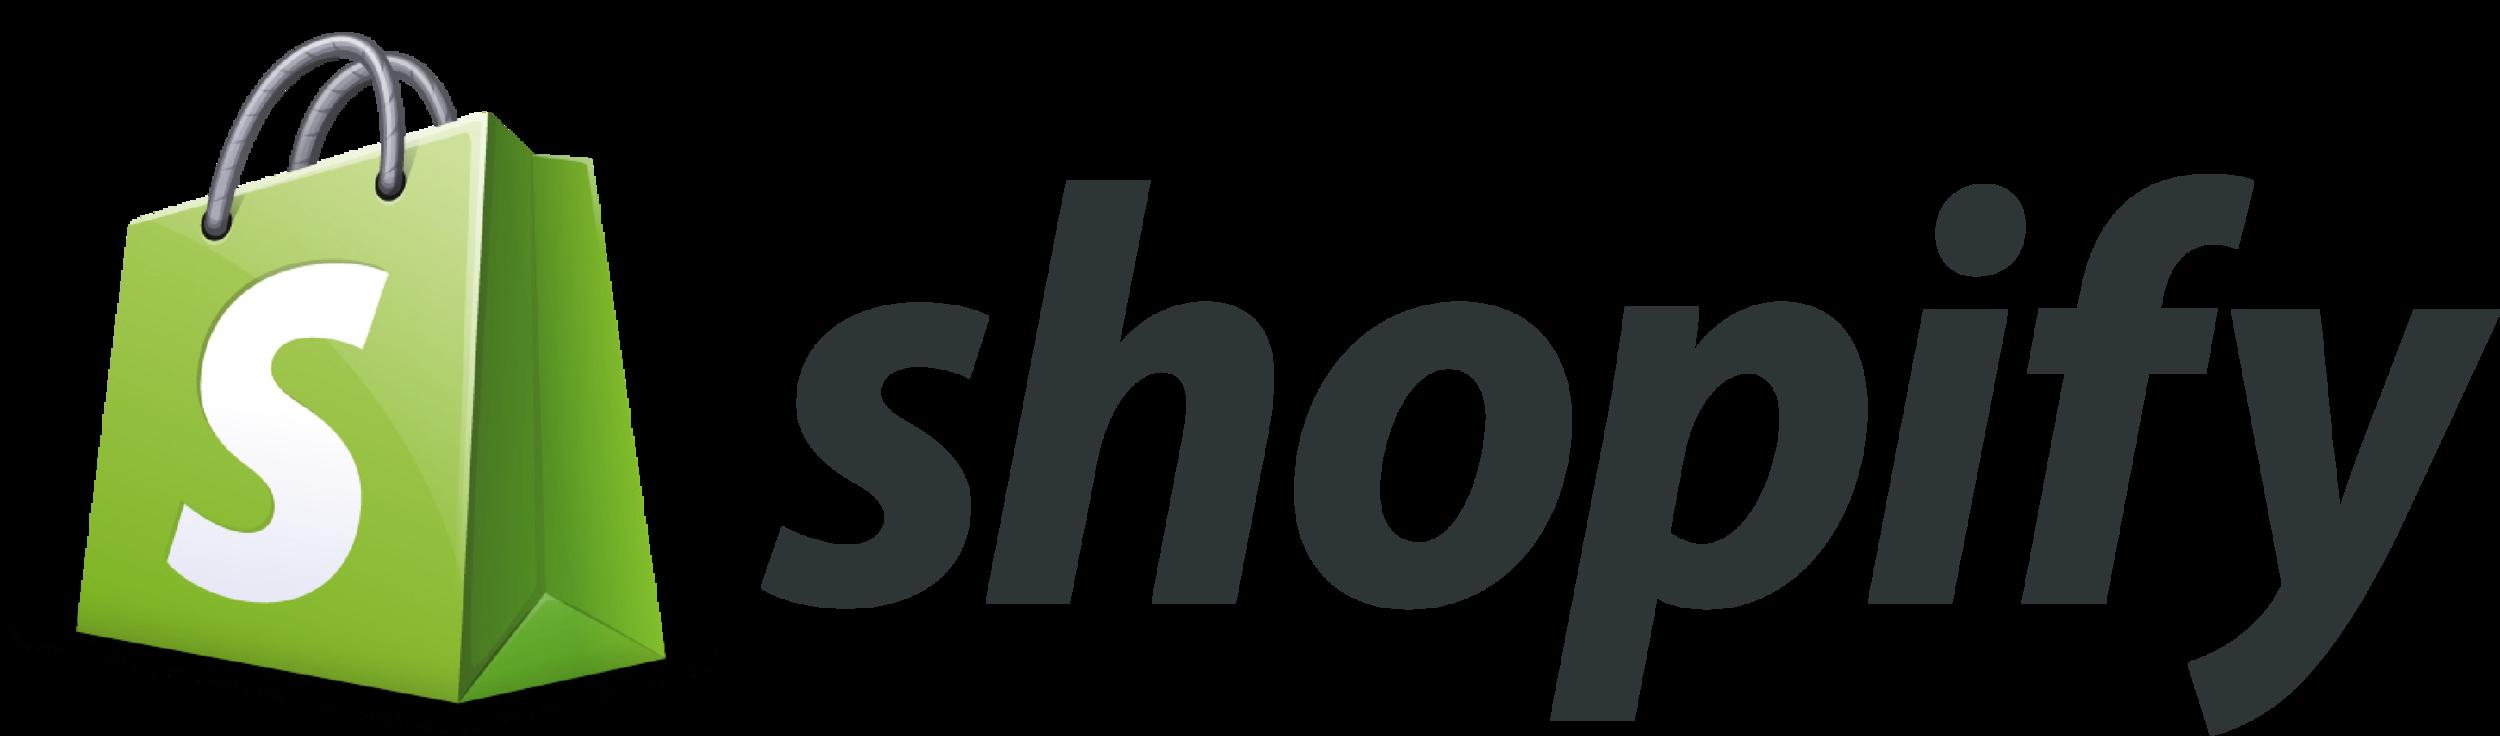 shopify-logo-png-shopify-logo-3076.png